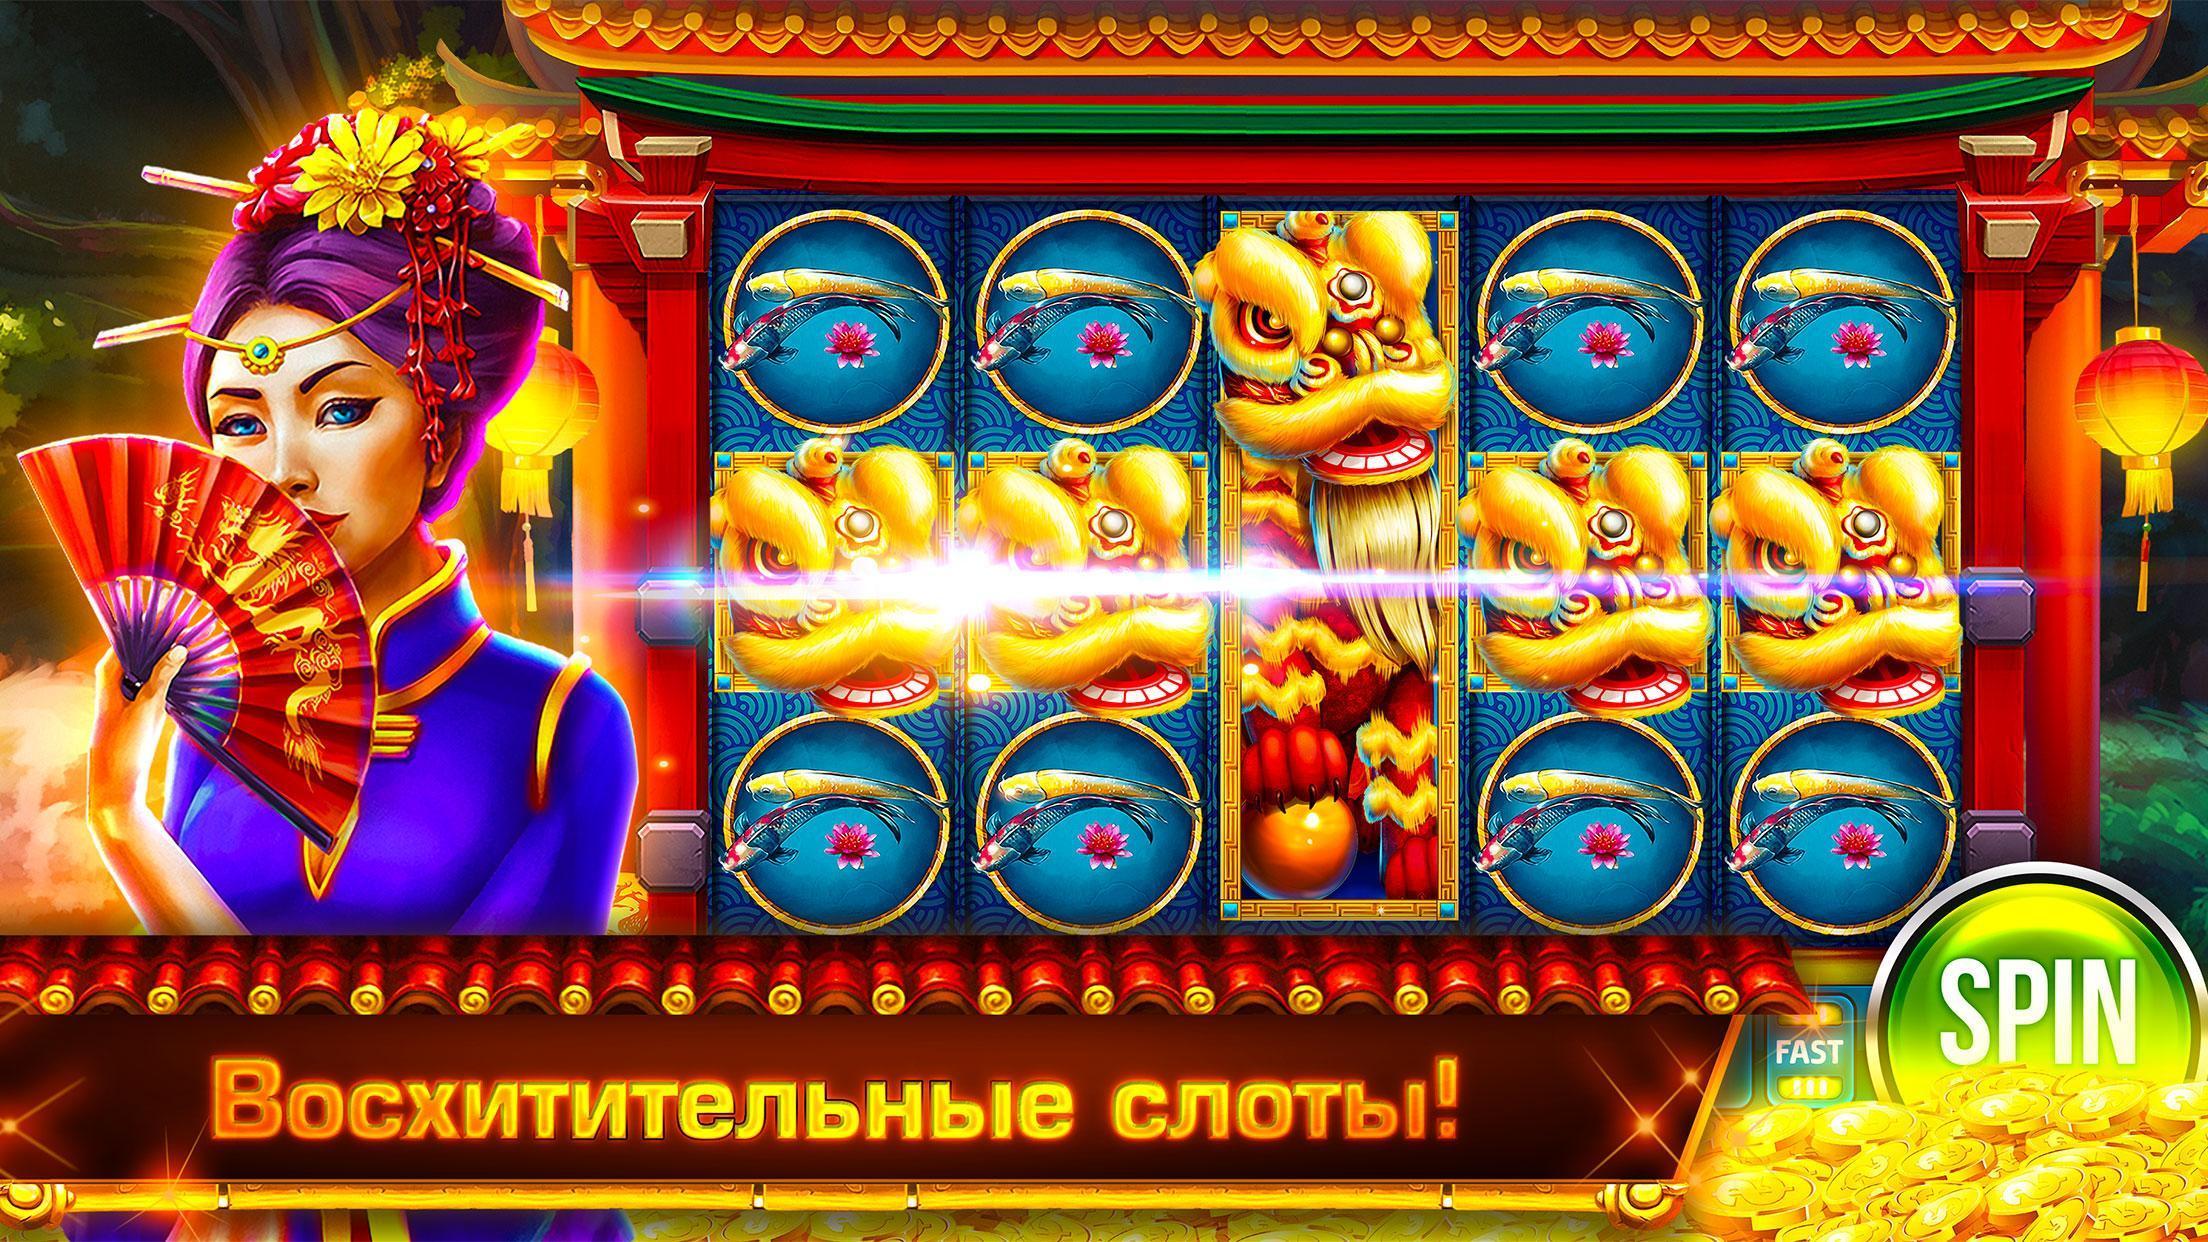 Скачать слоты игровые автоматы бесплатно на андроид играть онлаи игровые автоматы скачать бесплатно безрегистрации